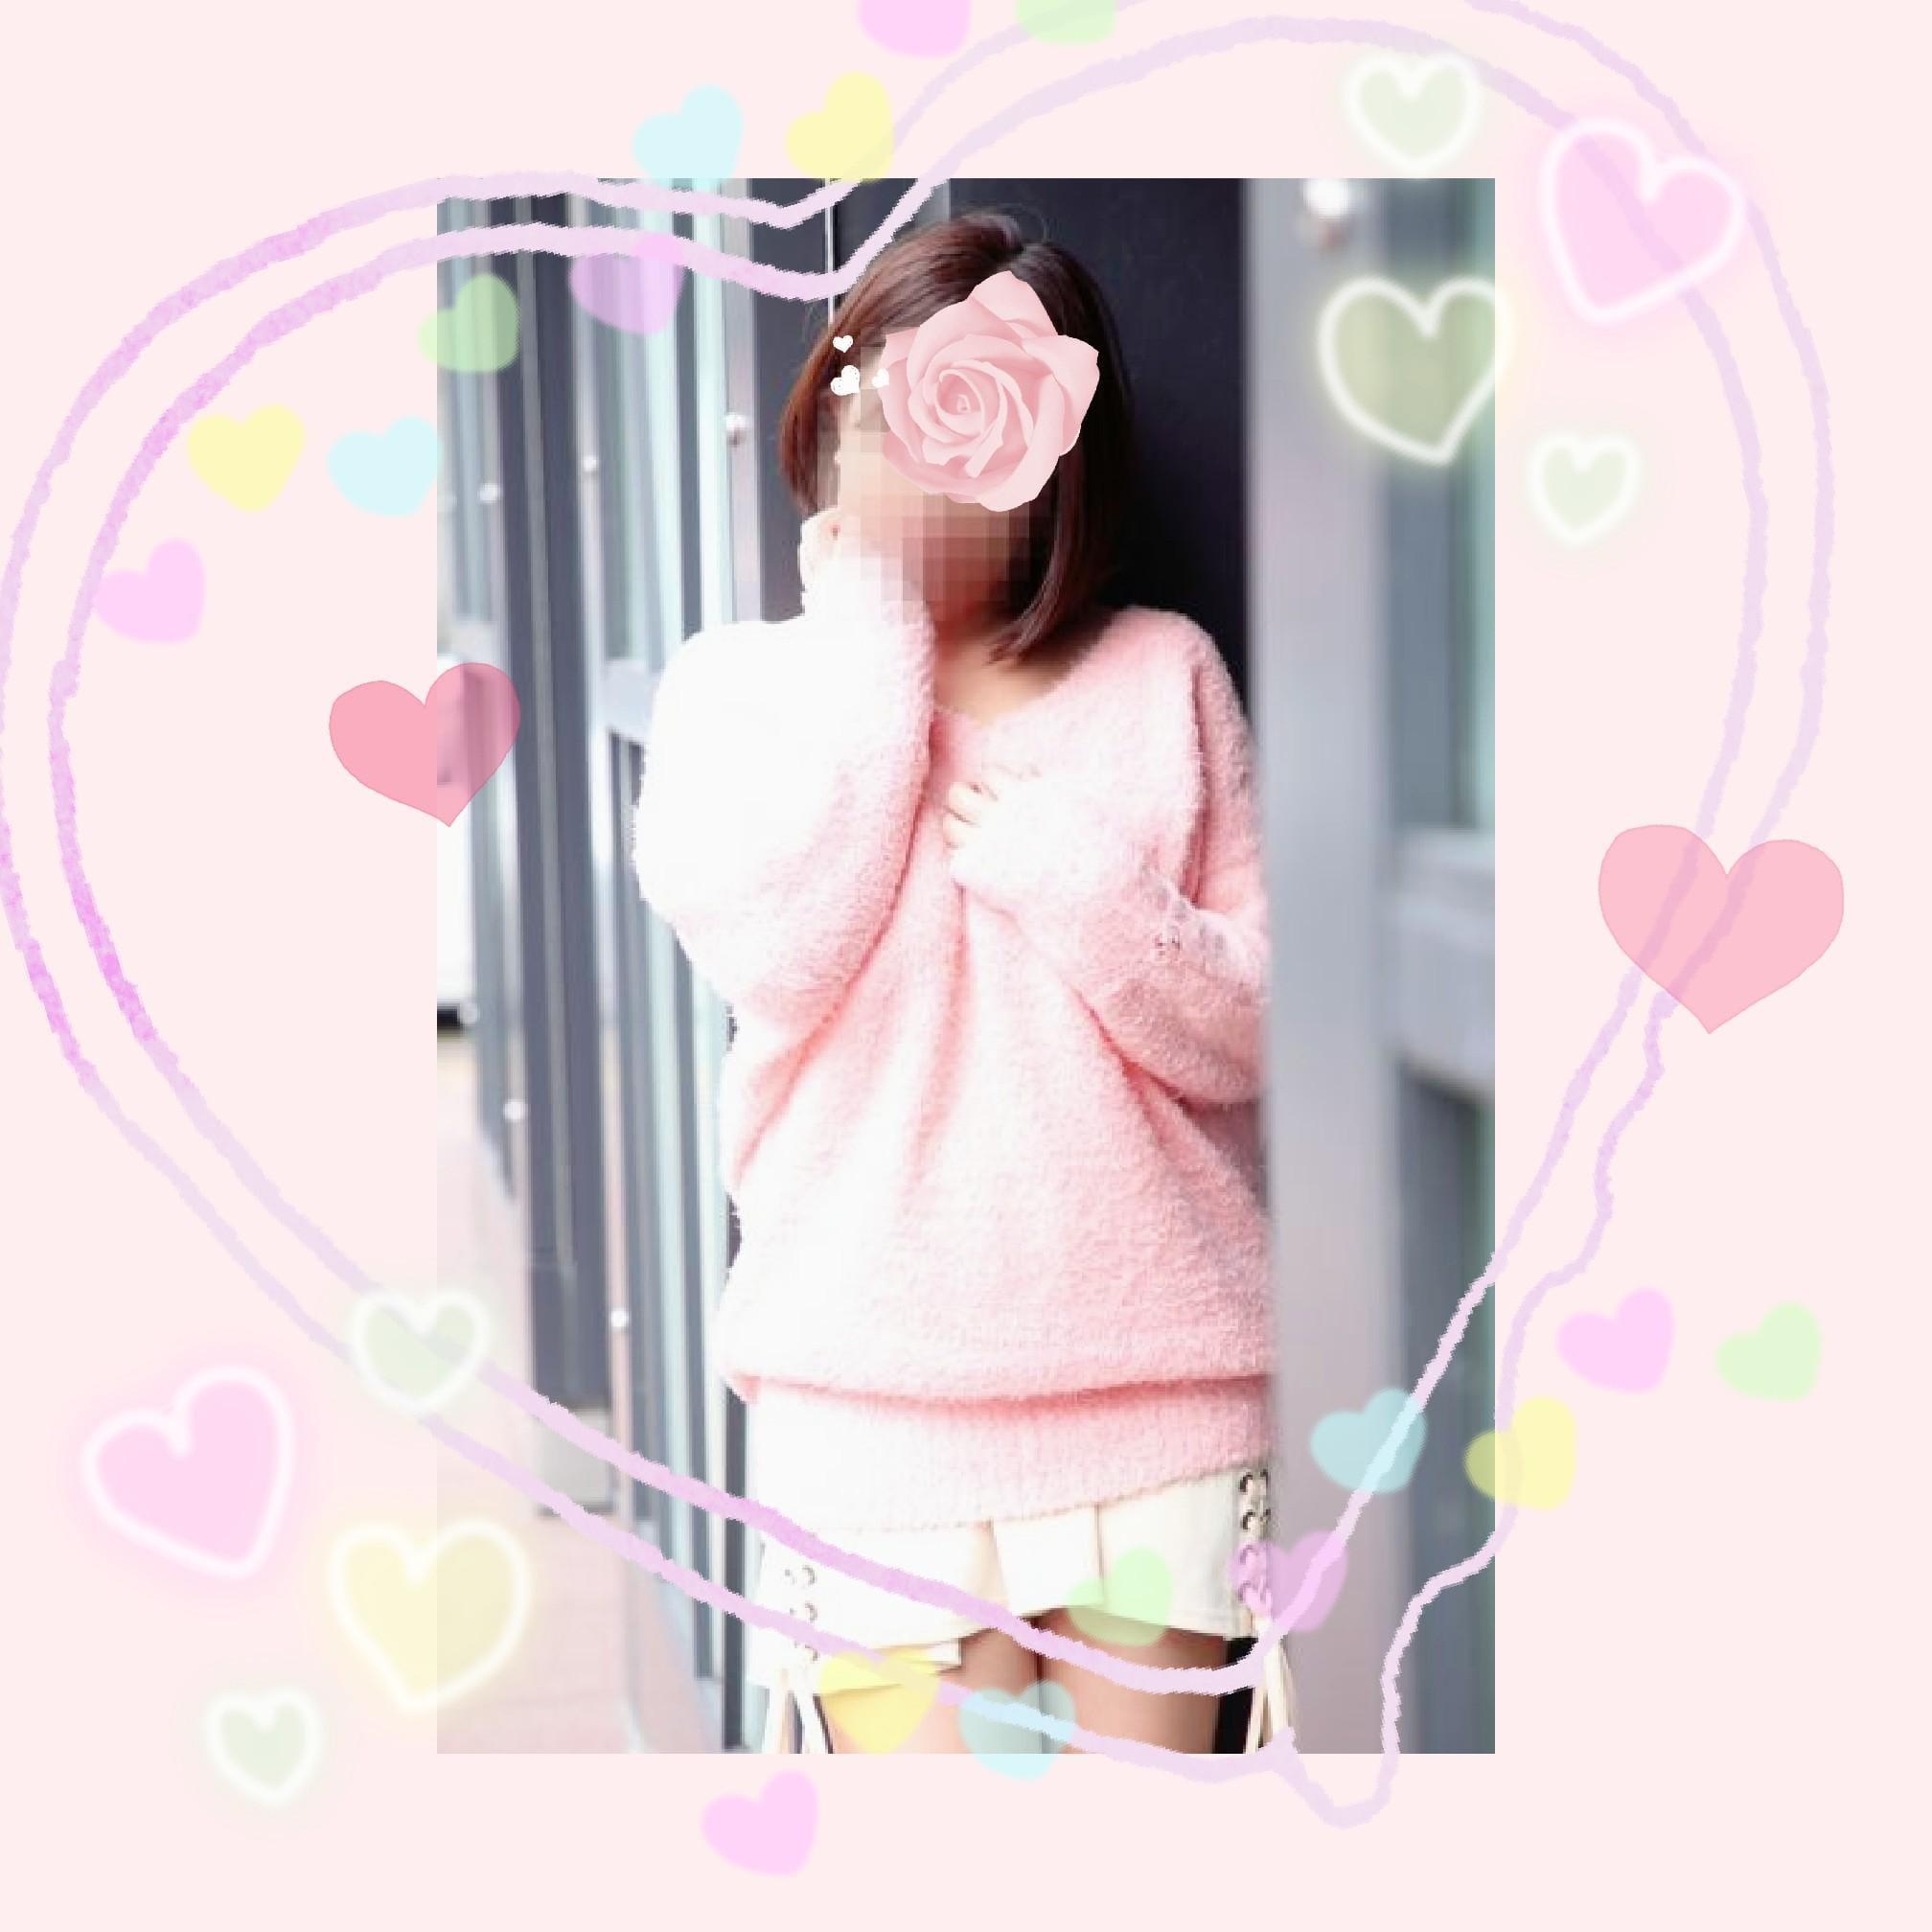 「こんにちは~」10/22(月) 15:01   なつみの写メ・風俗動画